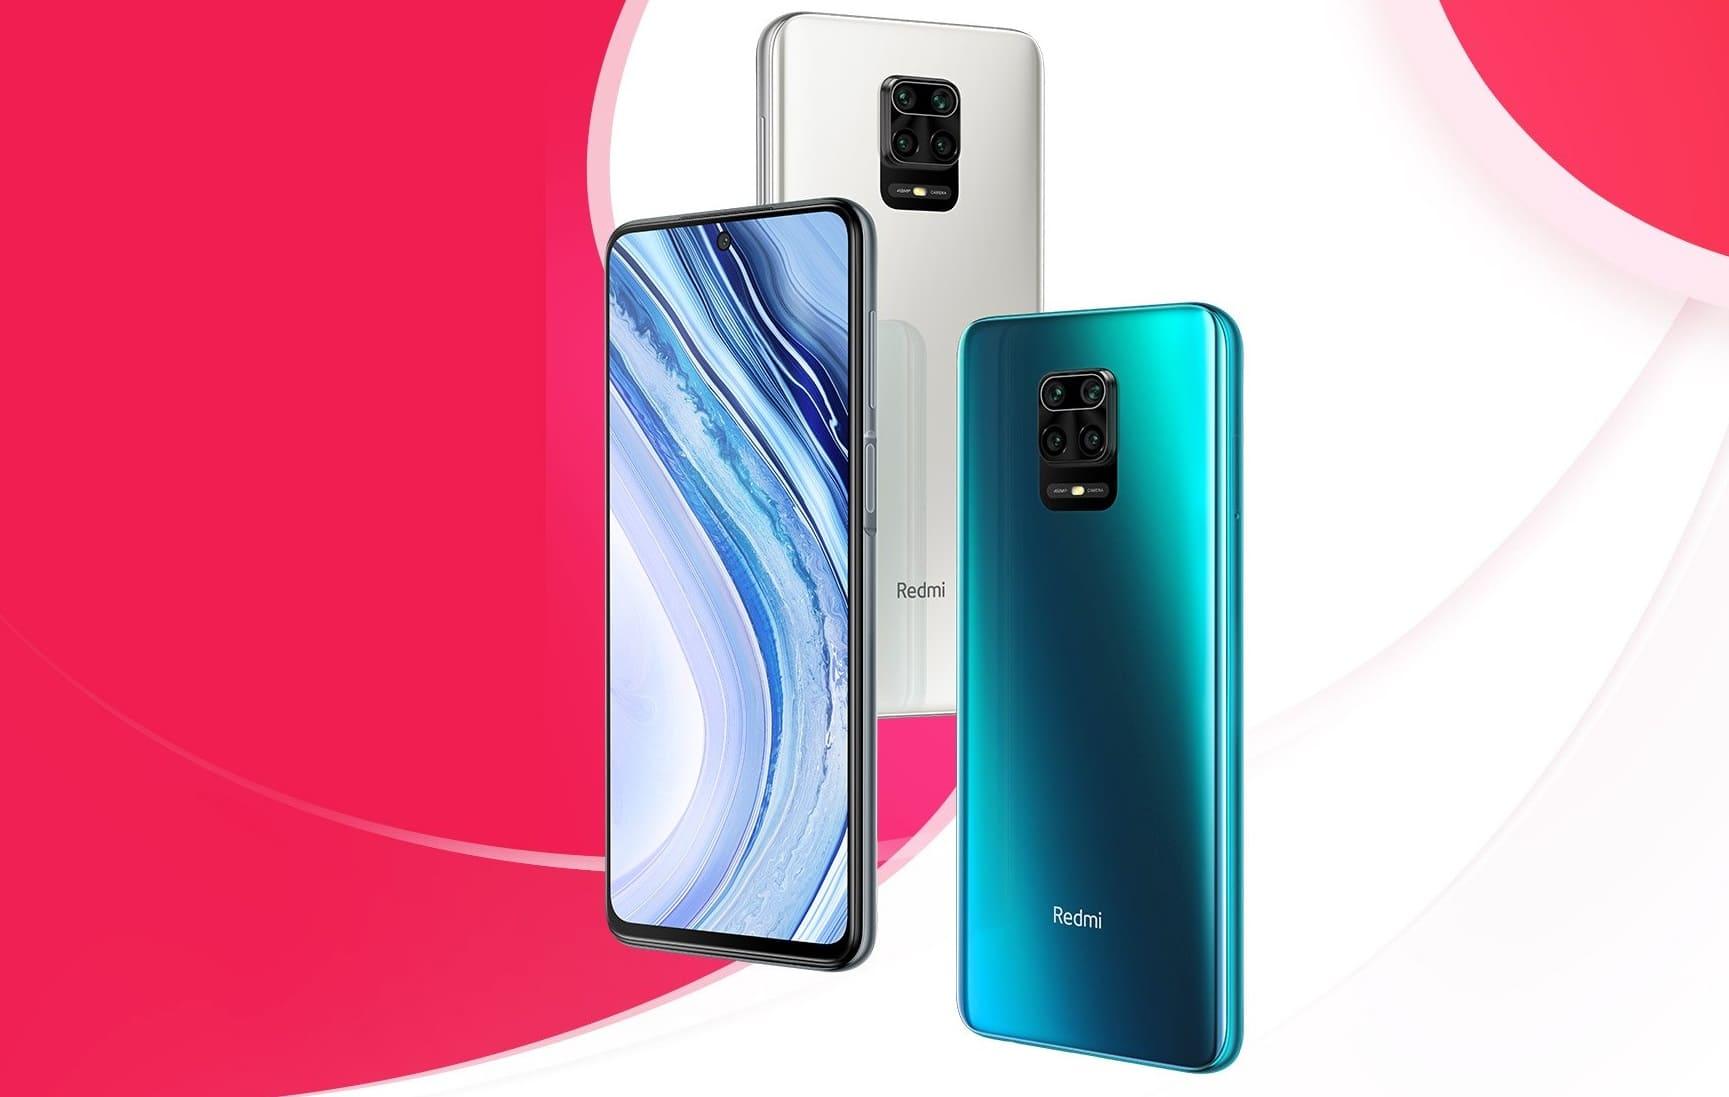 ТОП-10 смартфонов 2020 года (декабрь)